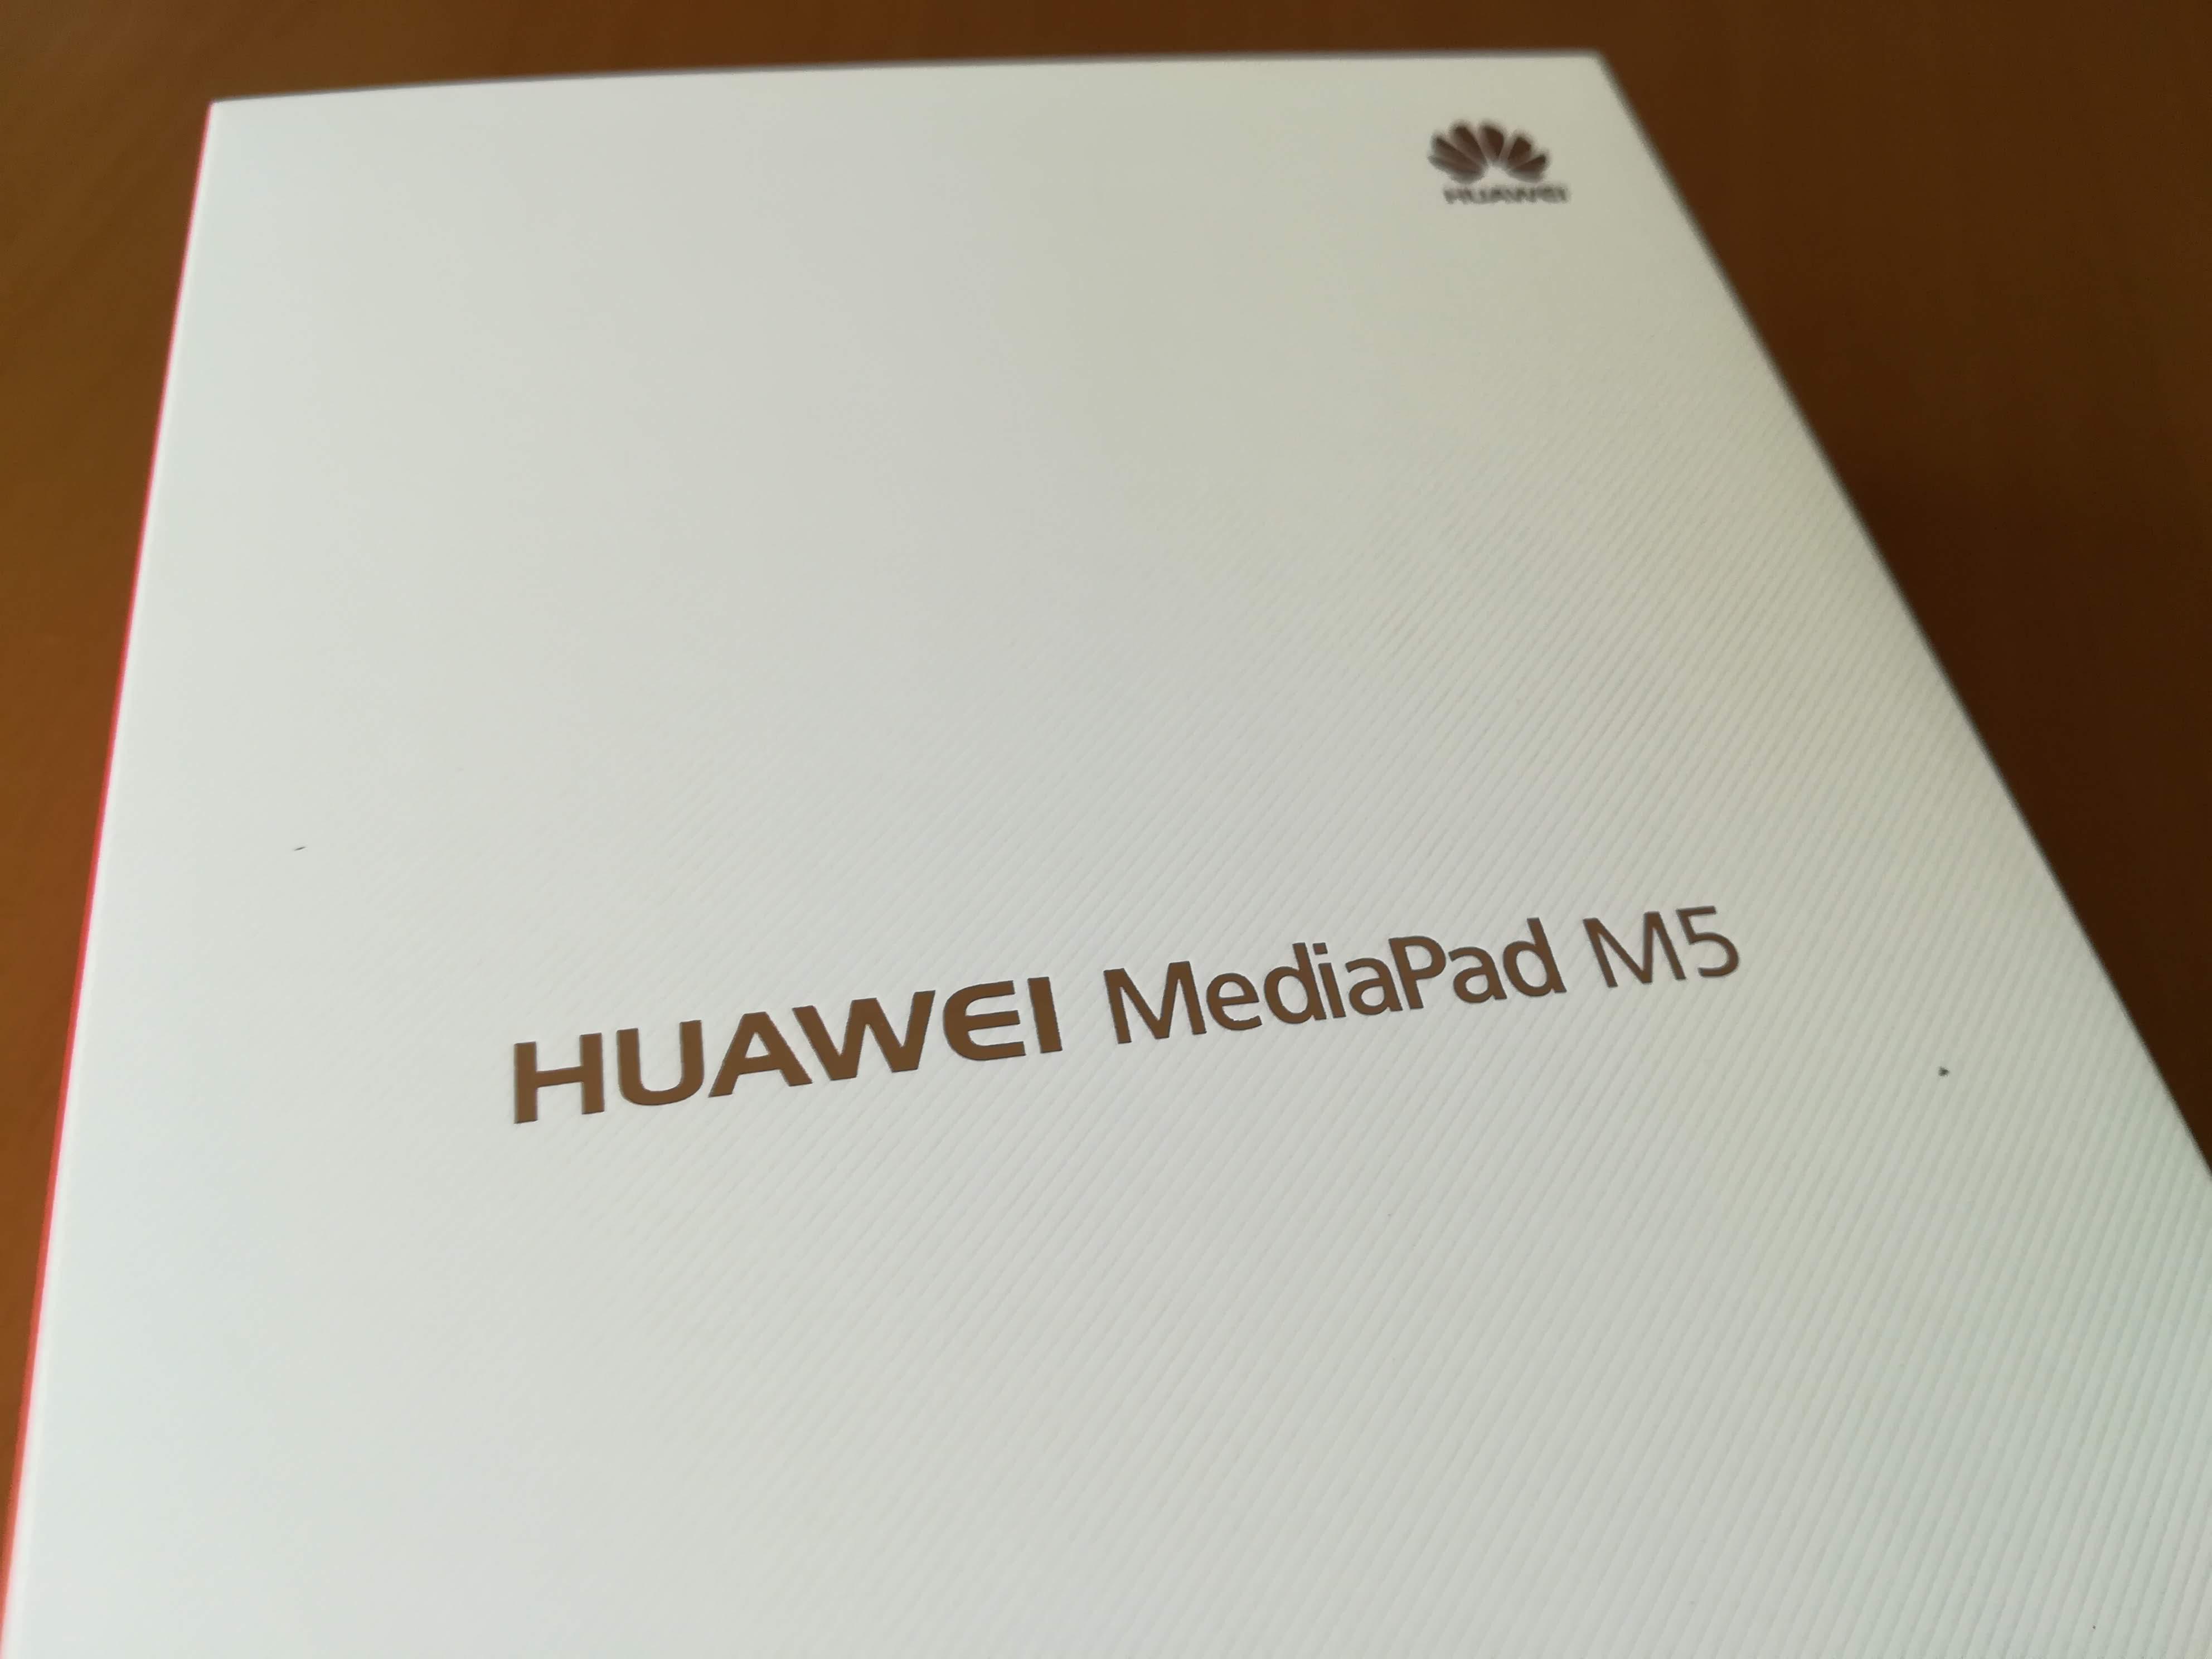 HUAWEI MediaPad M5の外箱